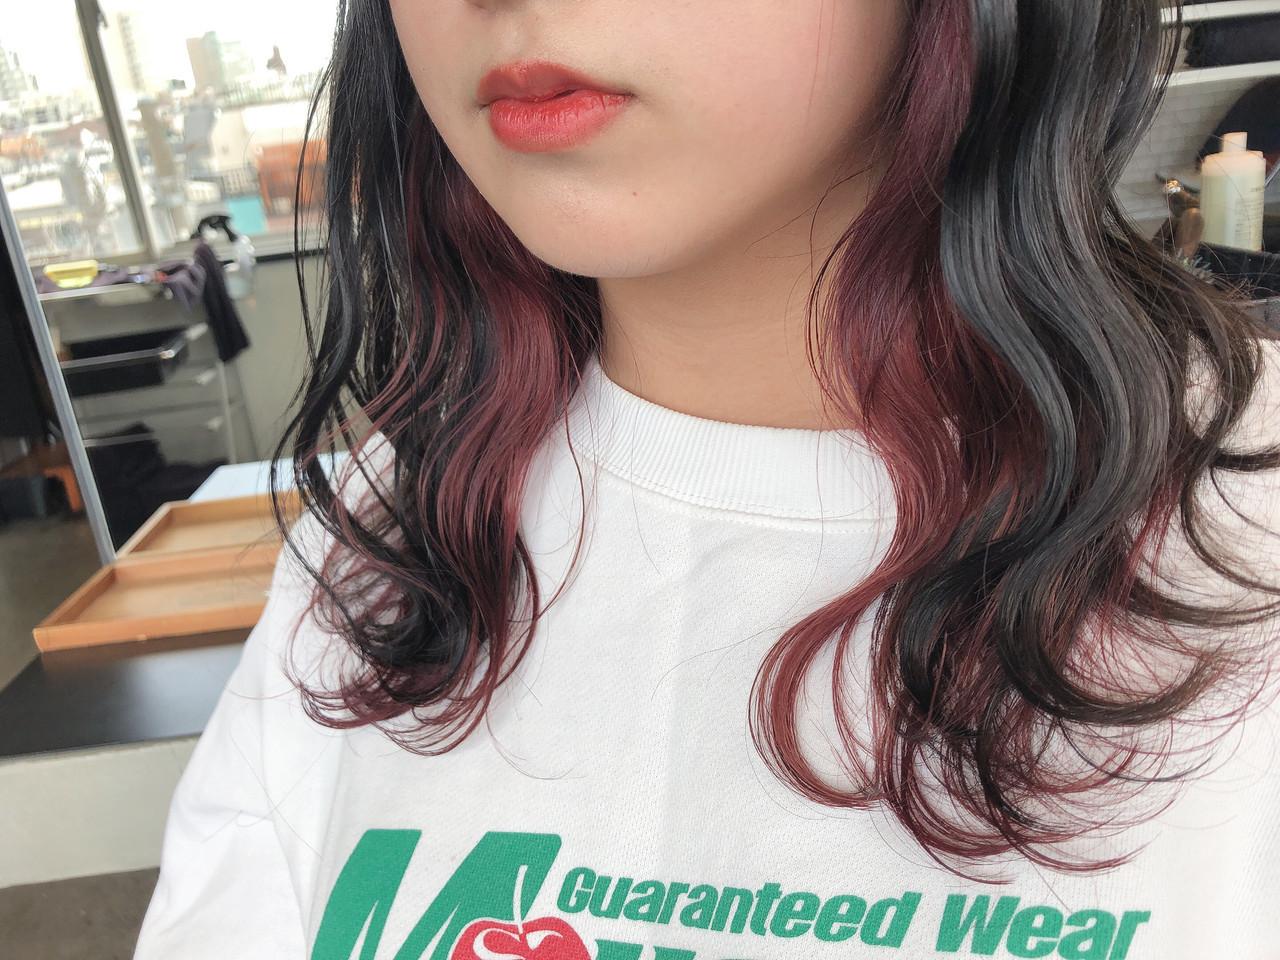 カシスレッド ストリート レッドブラウン インナーカラーレッド ヘアスタイルや髪型の写真・画像